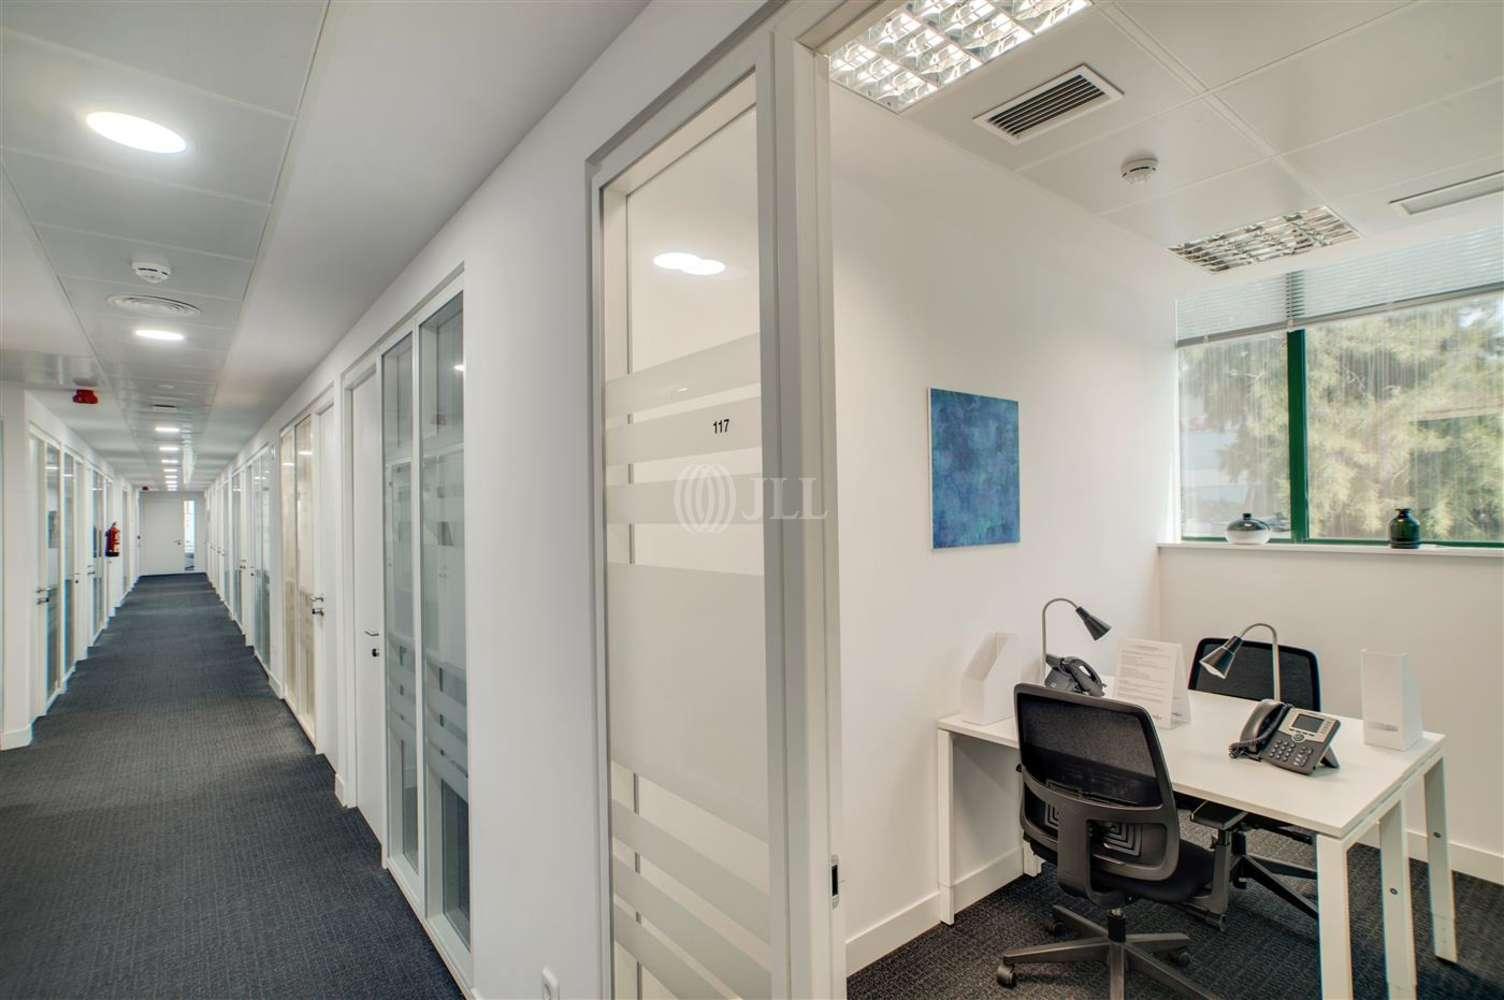 Oficina El prat de llobregat, 08820 - Coworking - BARCELONA MAS BLAU - 20447